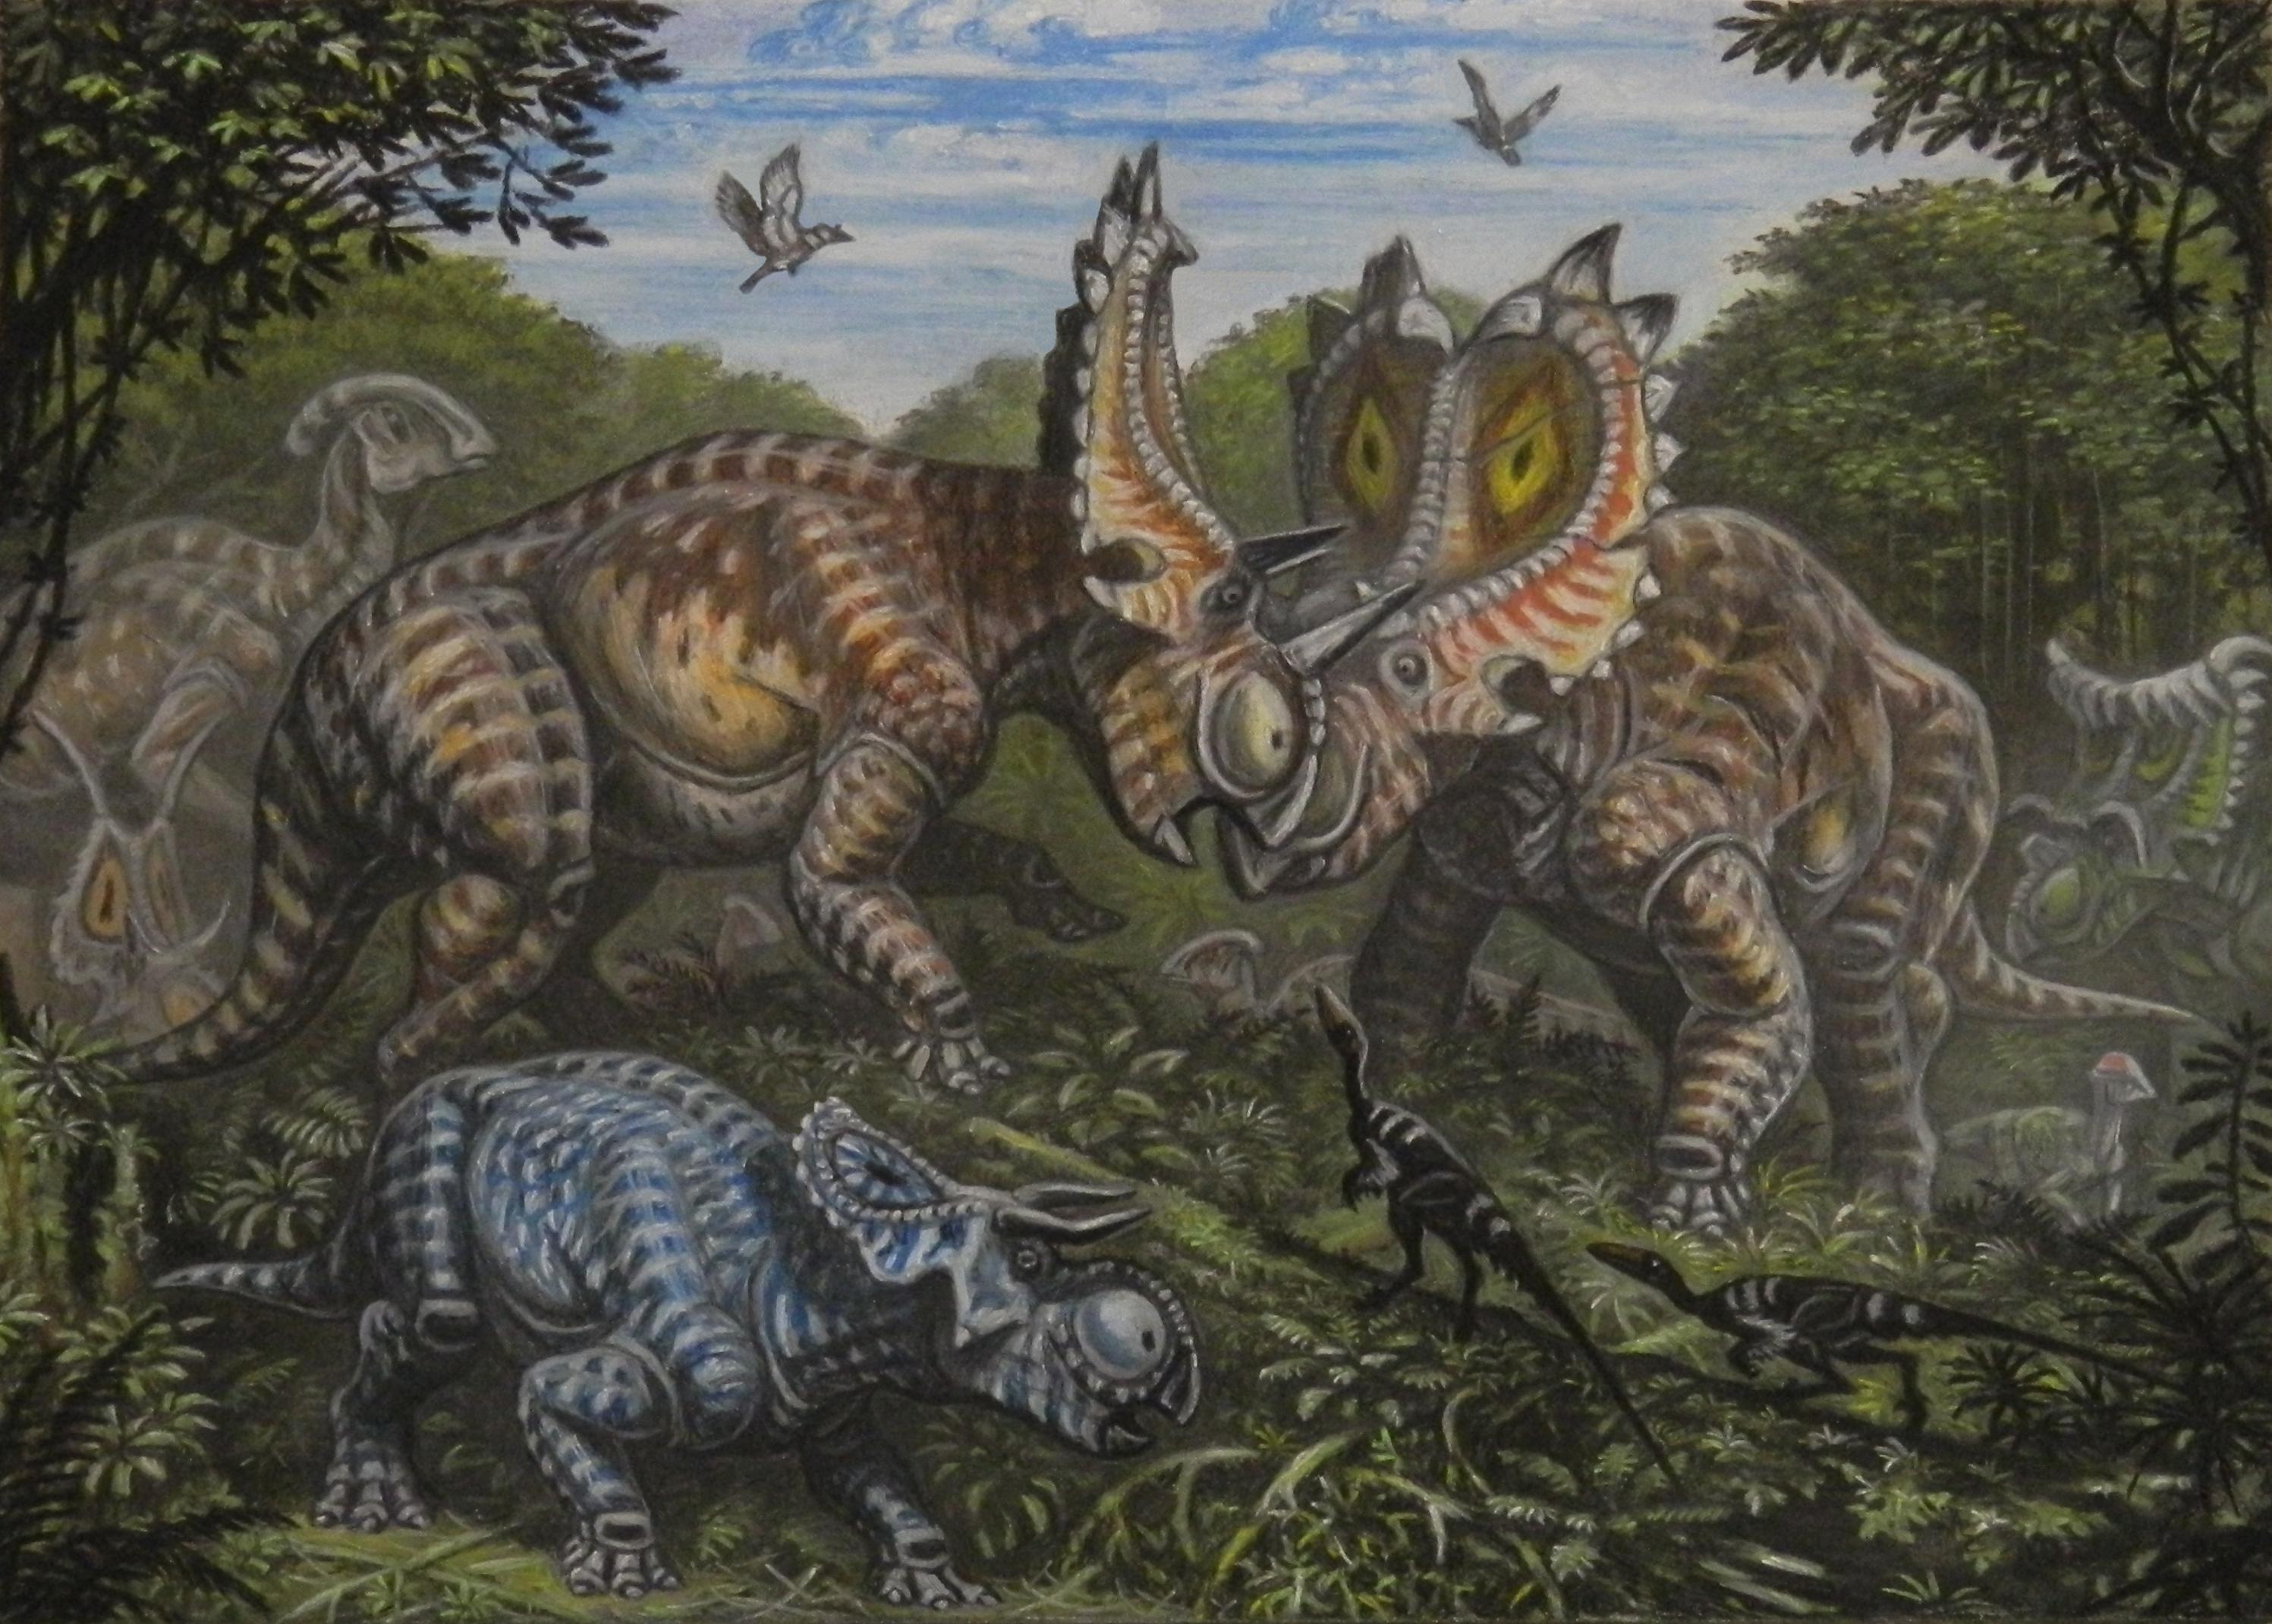 Andrey Belov's Utahceratops battle